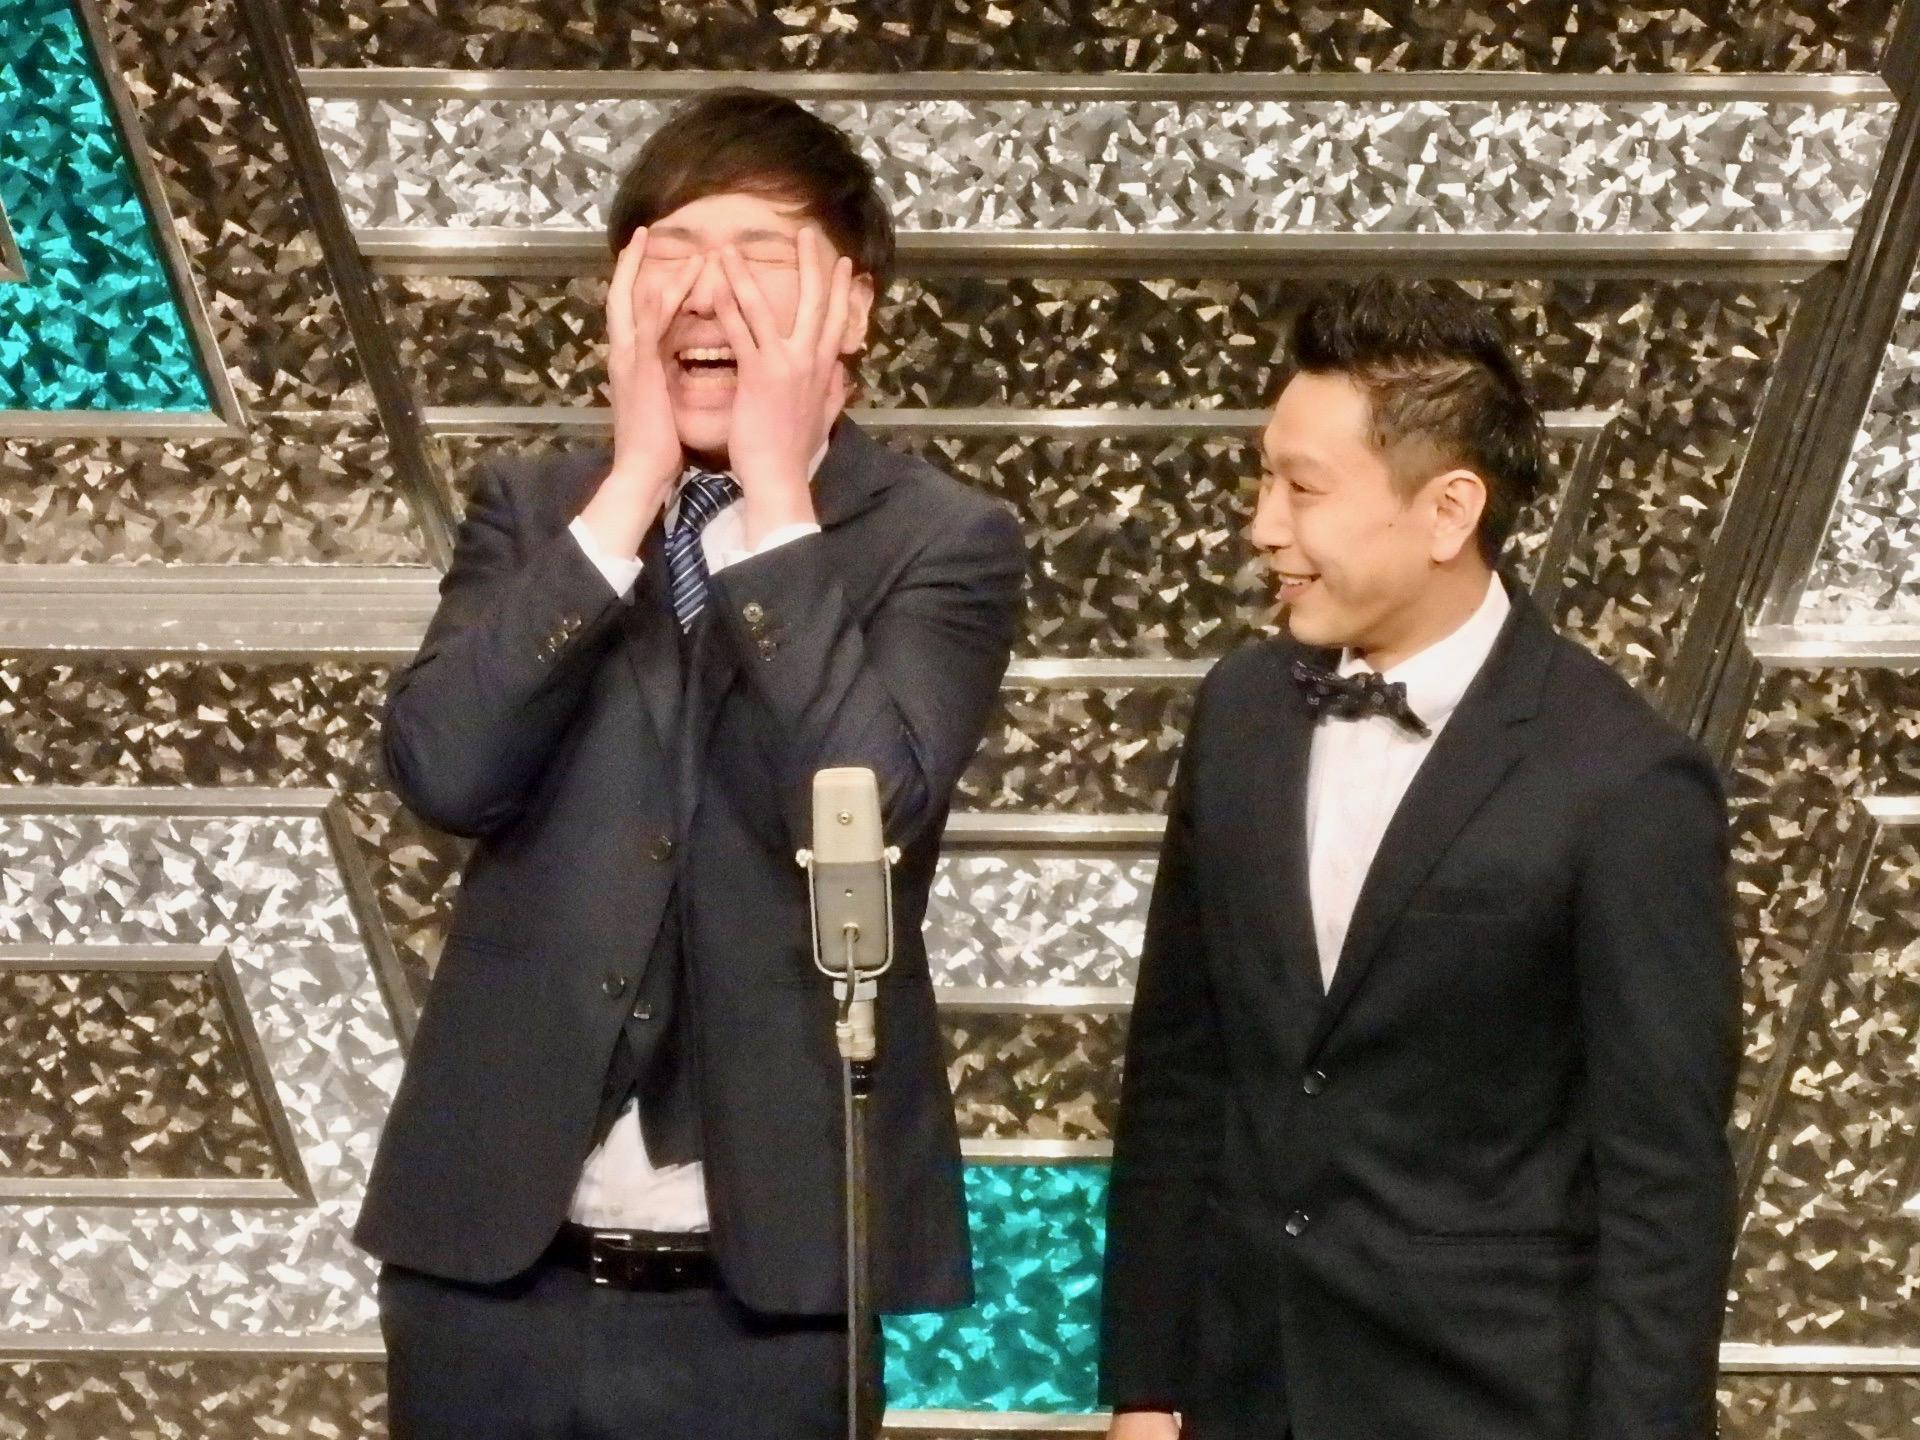 http://news.yoshimoto.co.jp/20180312200907-747ff4f1d6b8dccec062b9df5badae7190576306.jpg